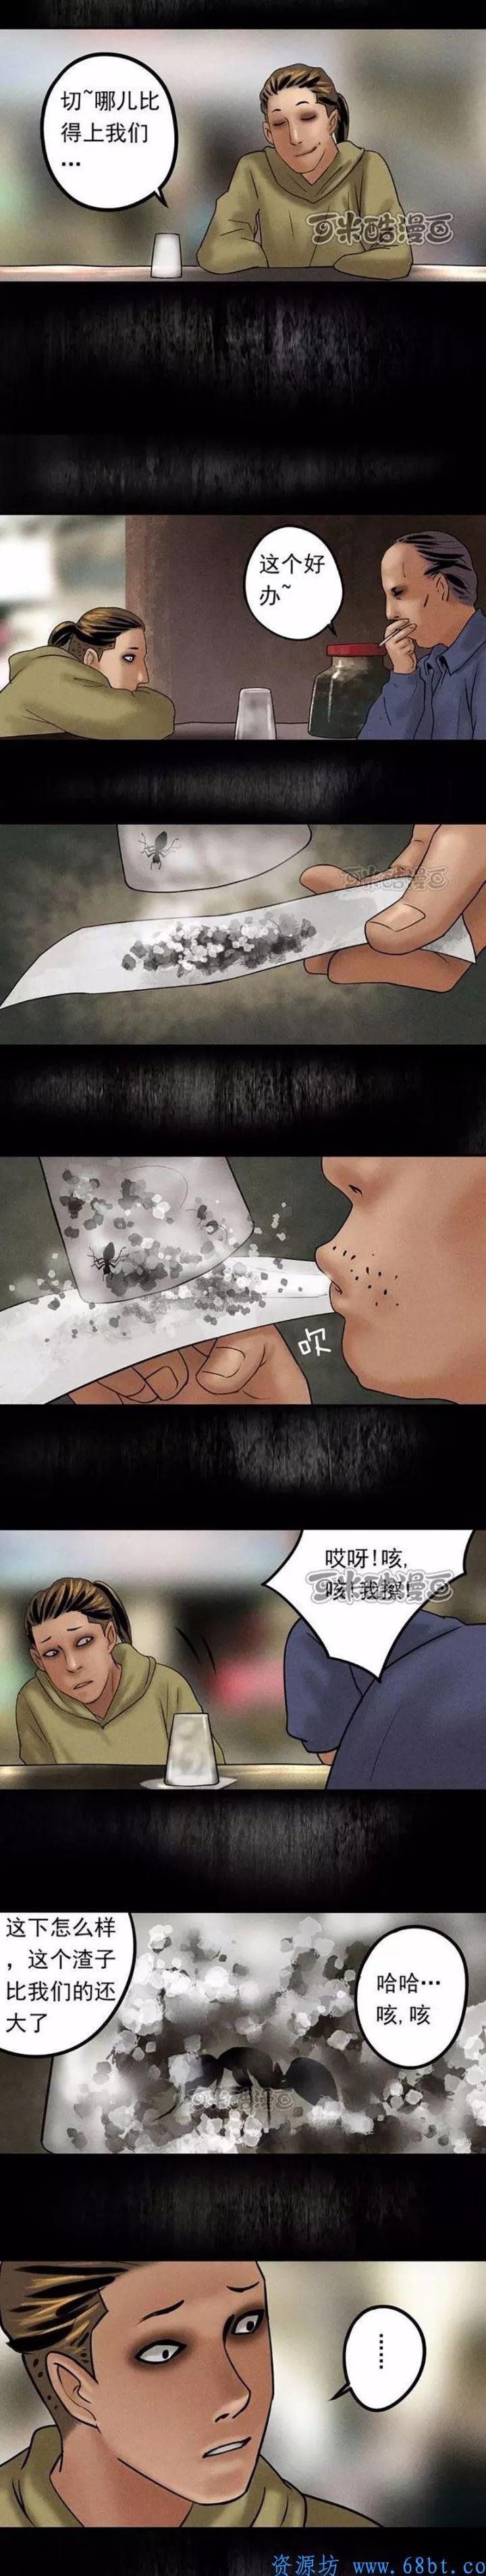 [恐怖漫画] 城,恐怖漫画,第7张